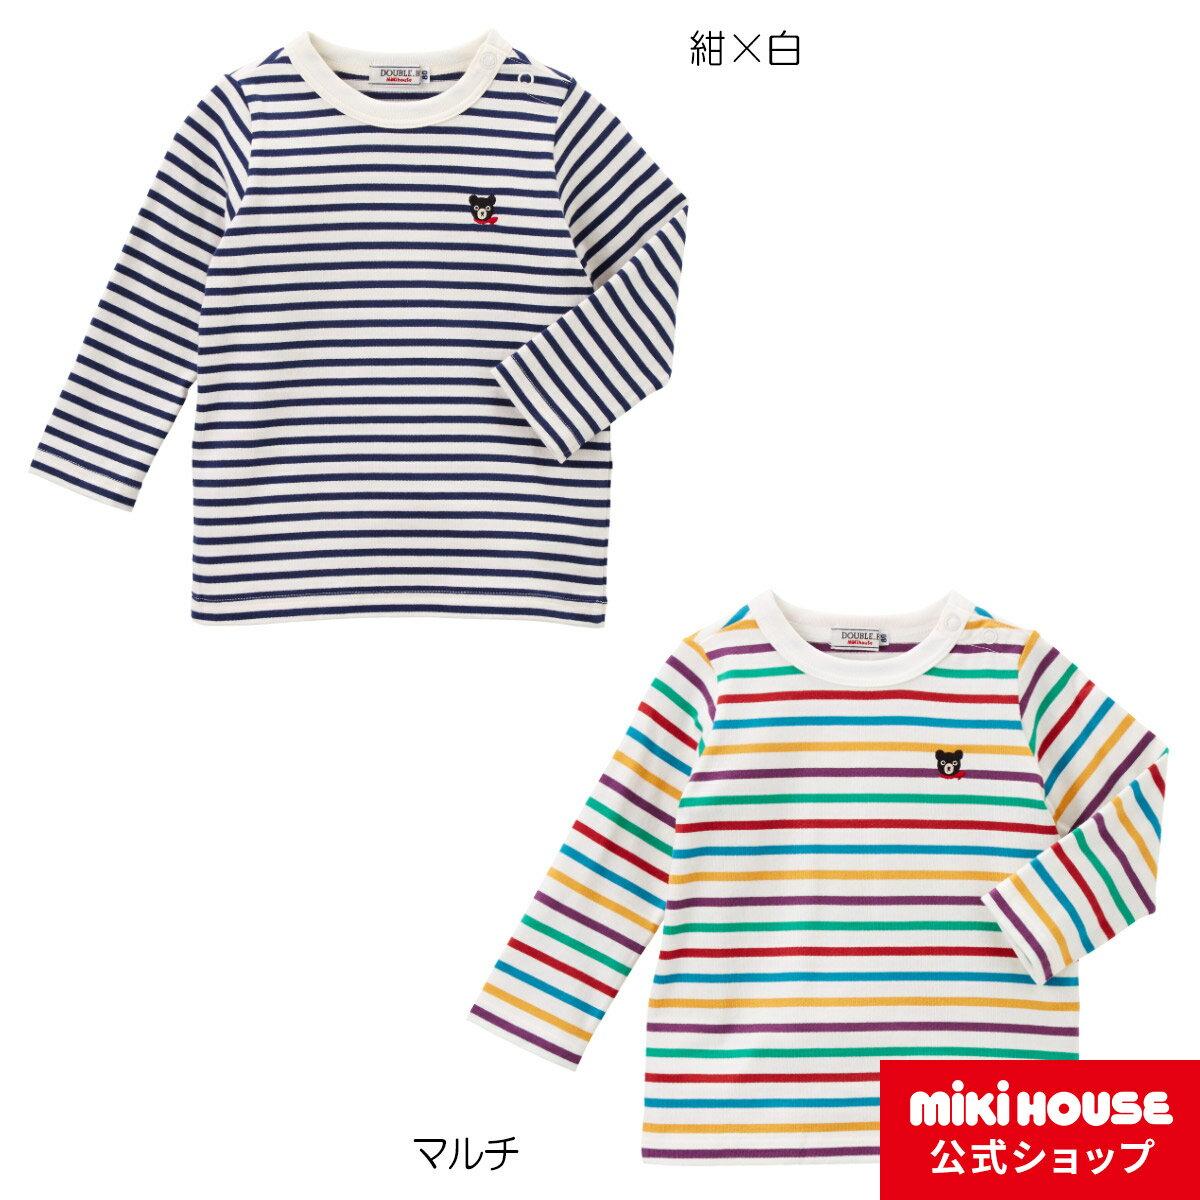 ミキハウス ダブルビー mikihouse Everyday DOUBLE_Bボーダー長袖Tシャツ(70cm-150cm)